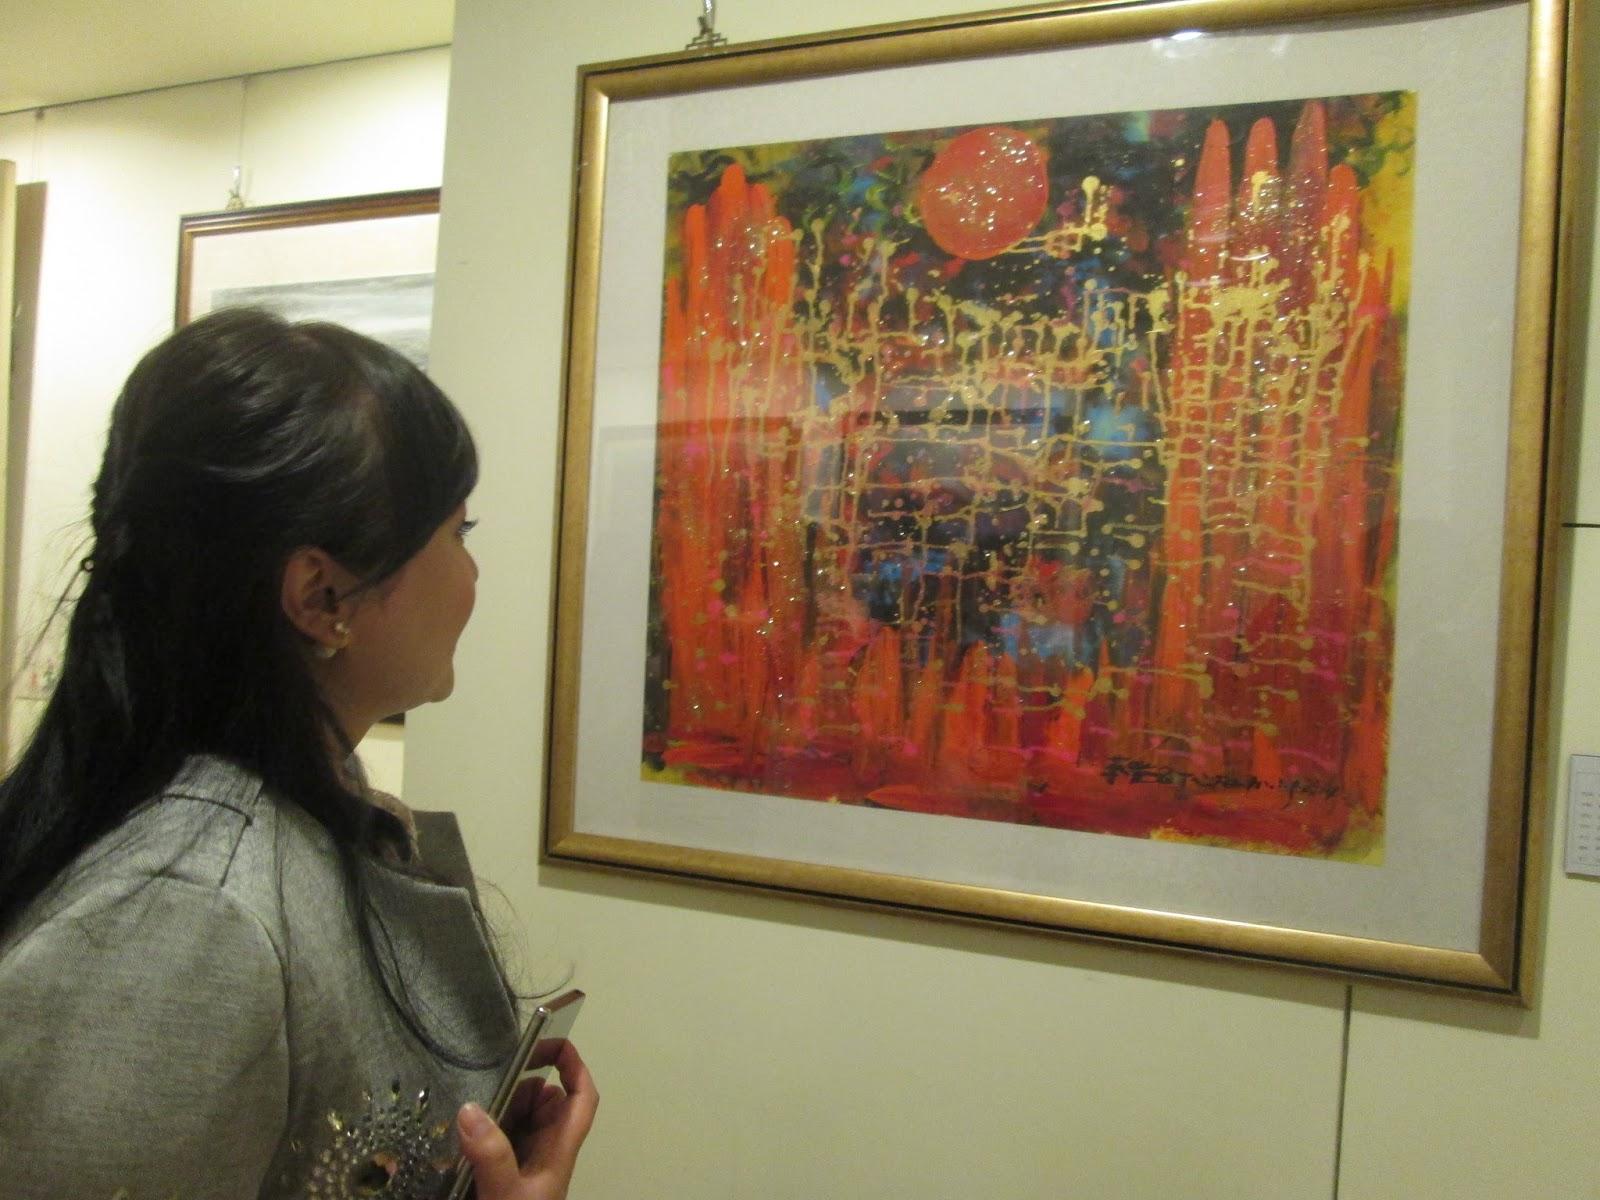 藝流國際春拍會 蔡豐名 <浴火鳳凰> 88萬5千元高價落槌, 頗受藏家青睞。